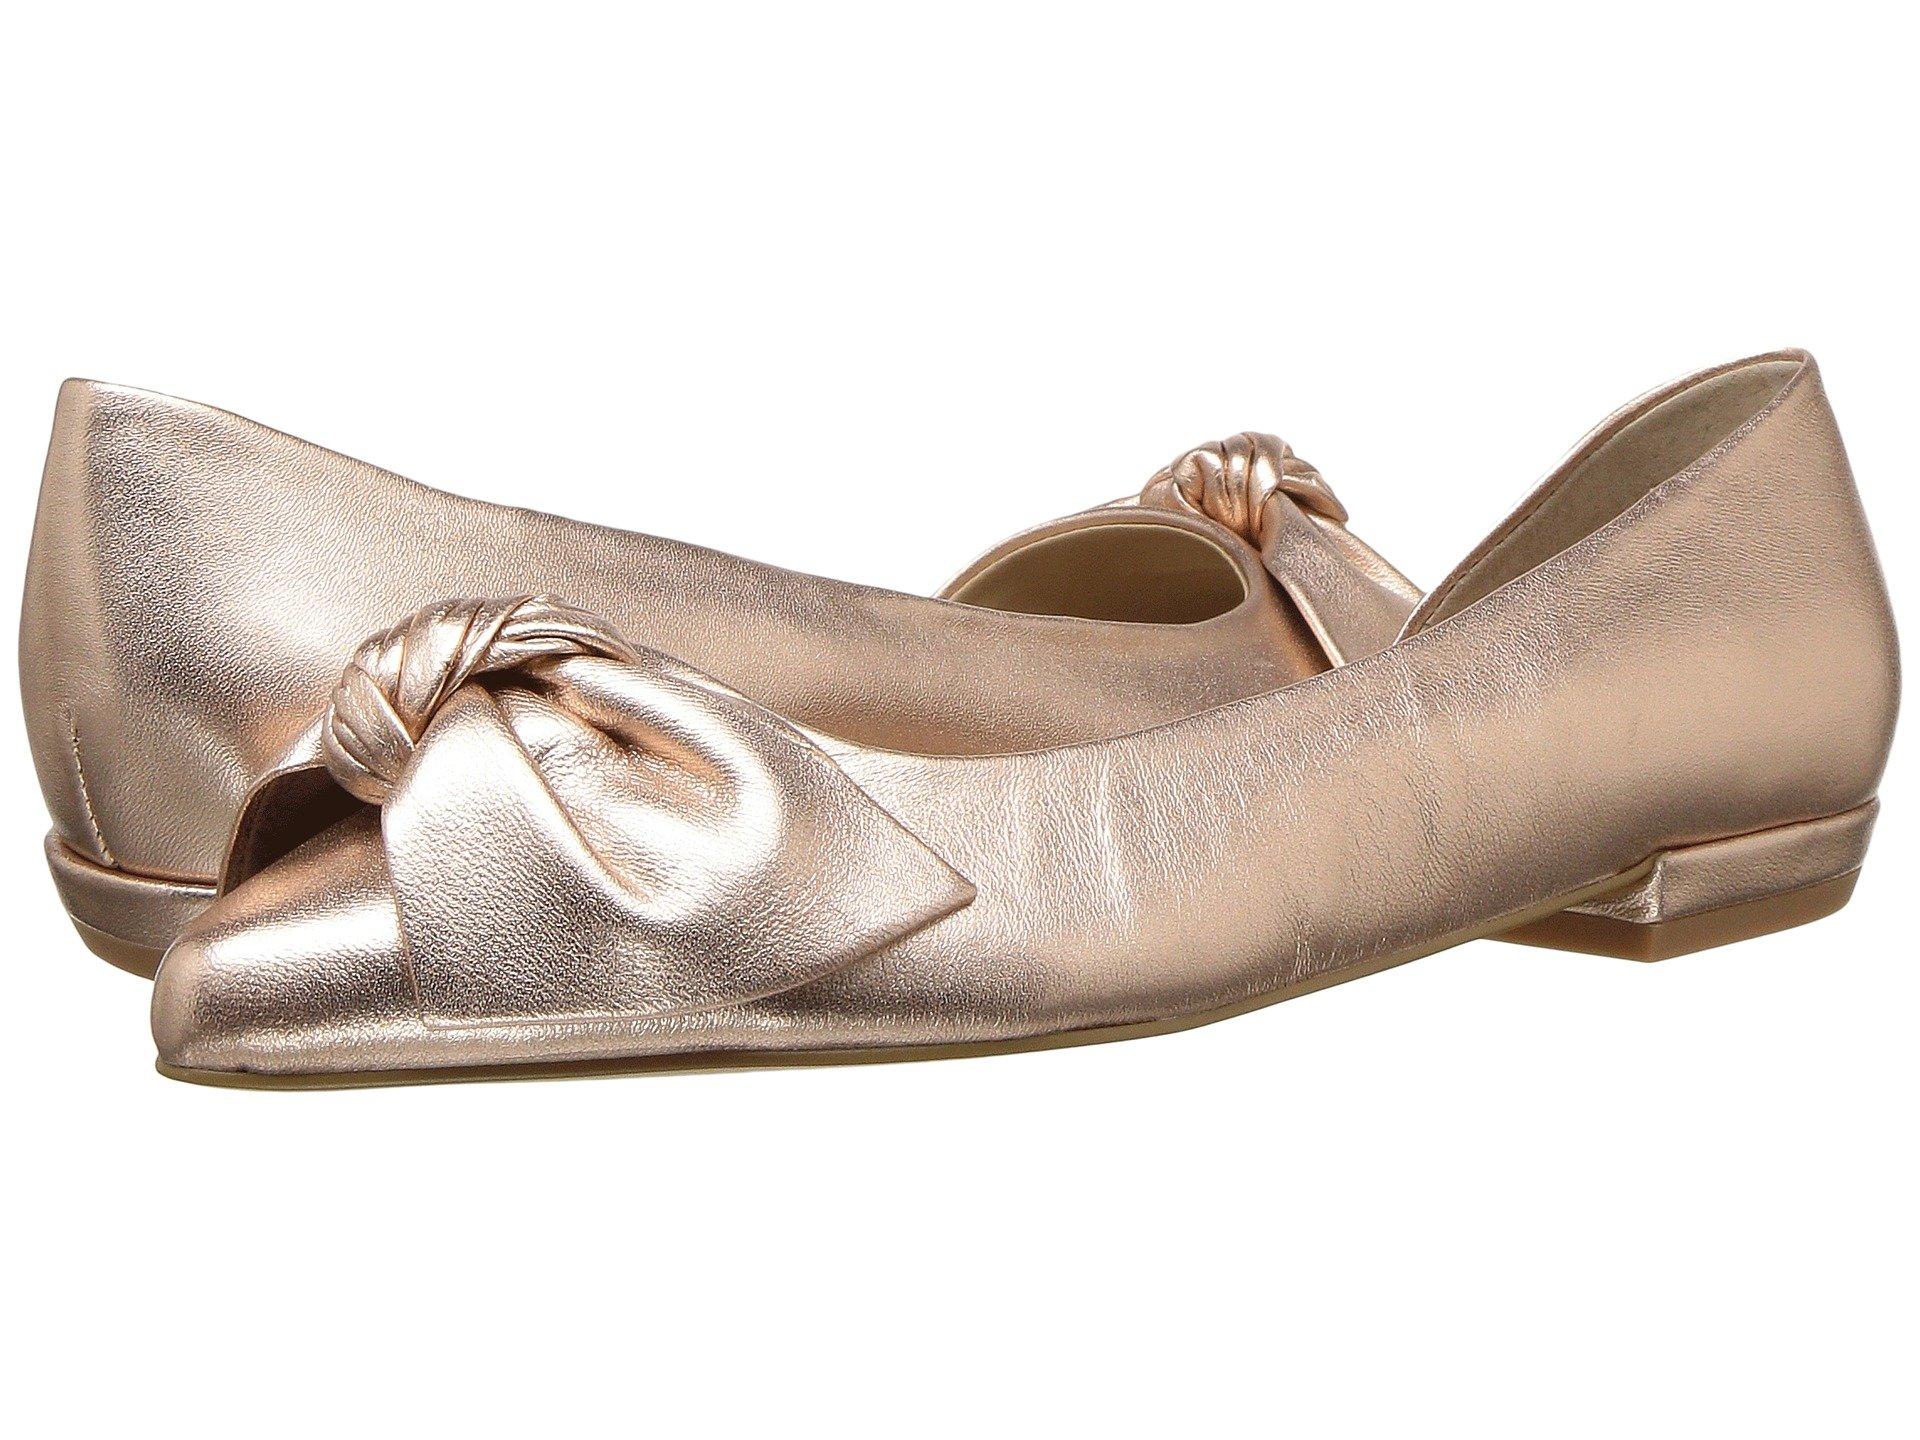 Baletas para Mujer Steve Madden Edina  + Steve Madden en VeoyCompro.net